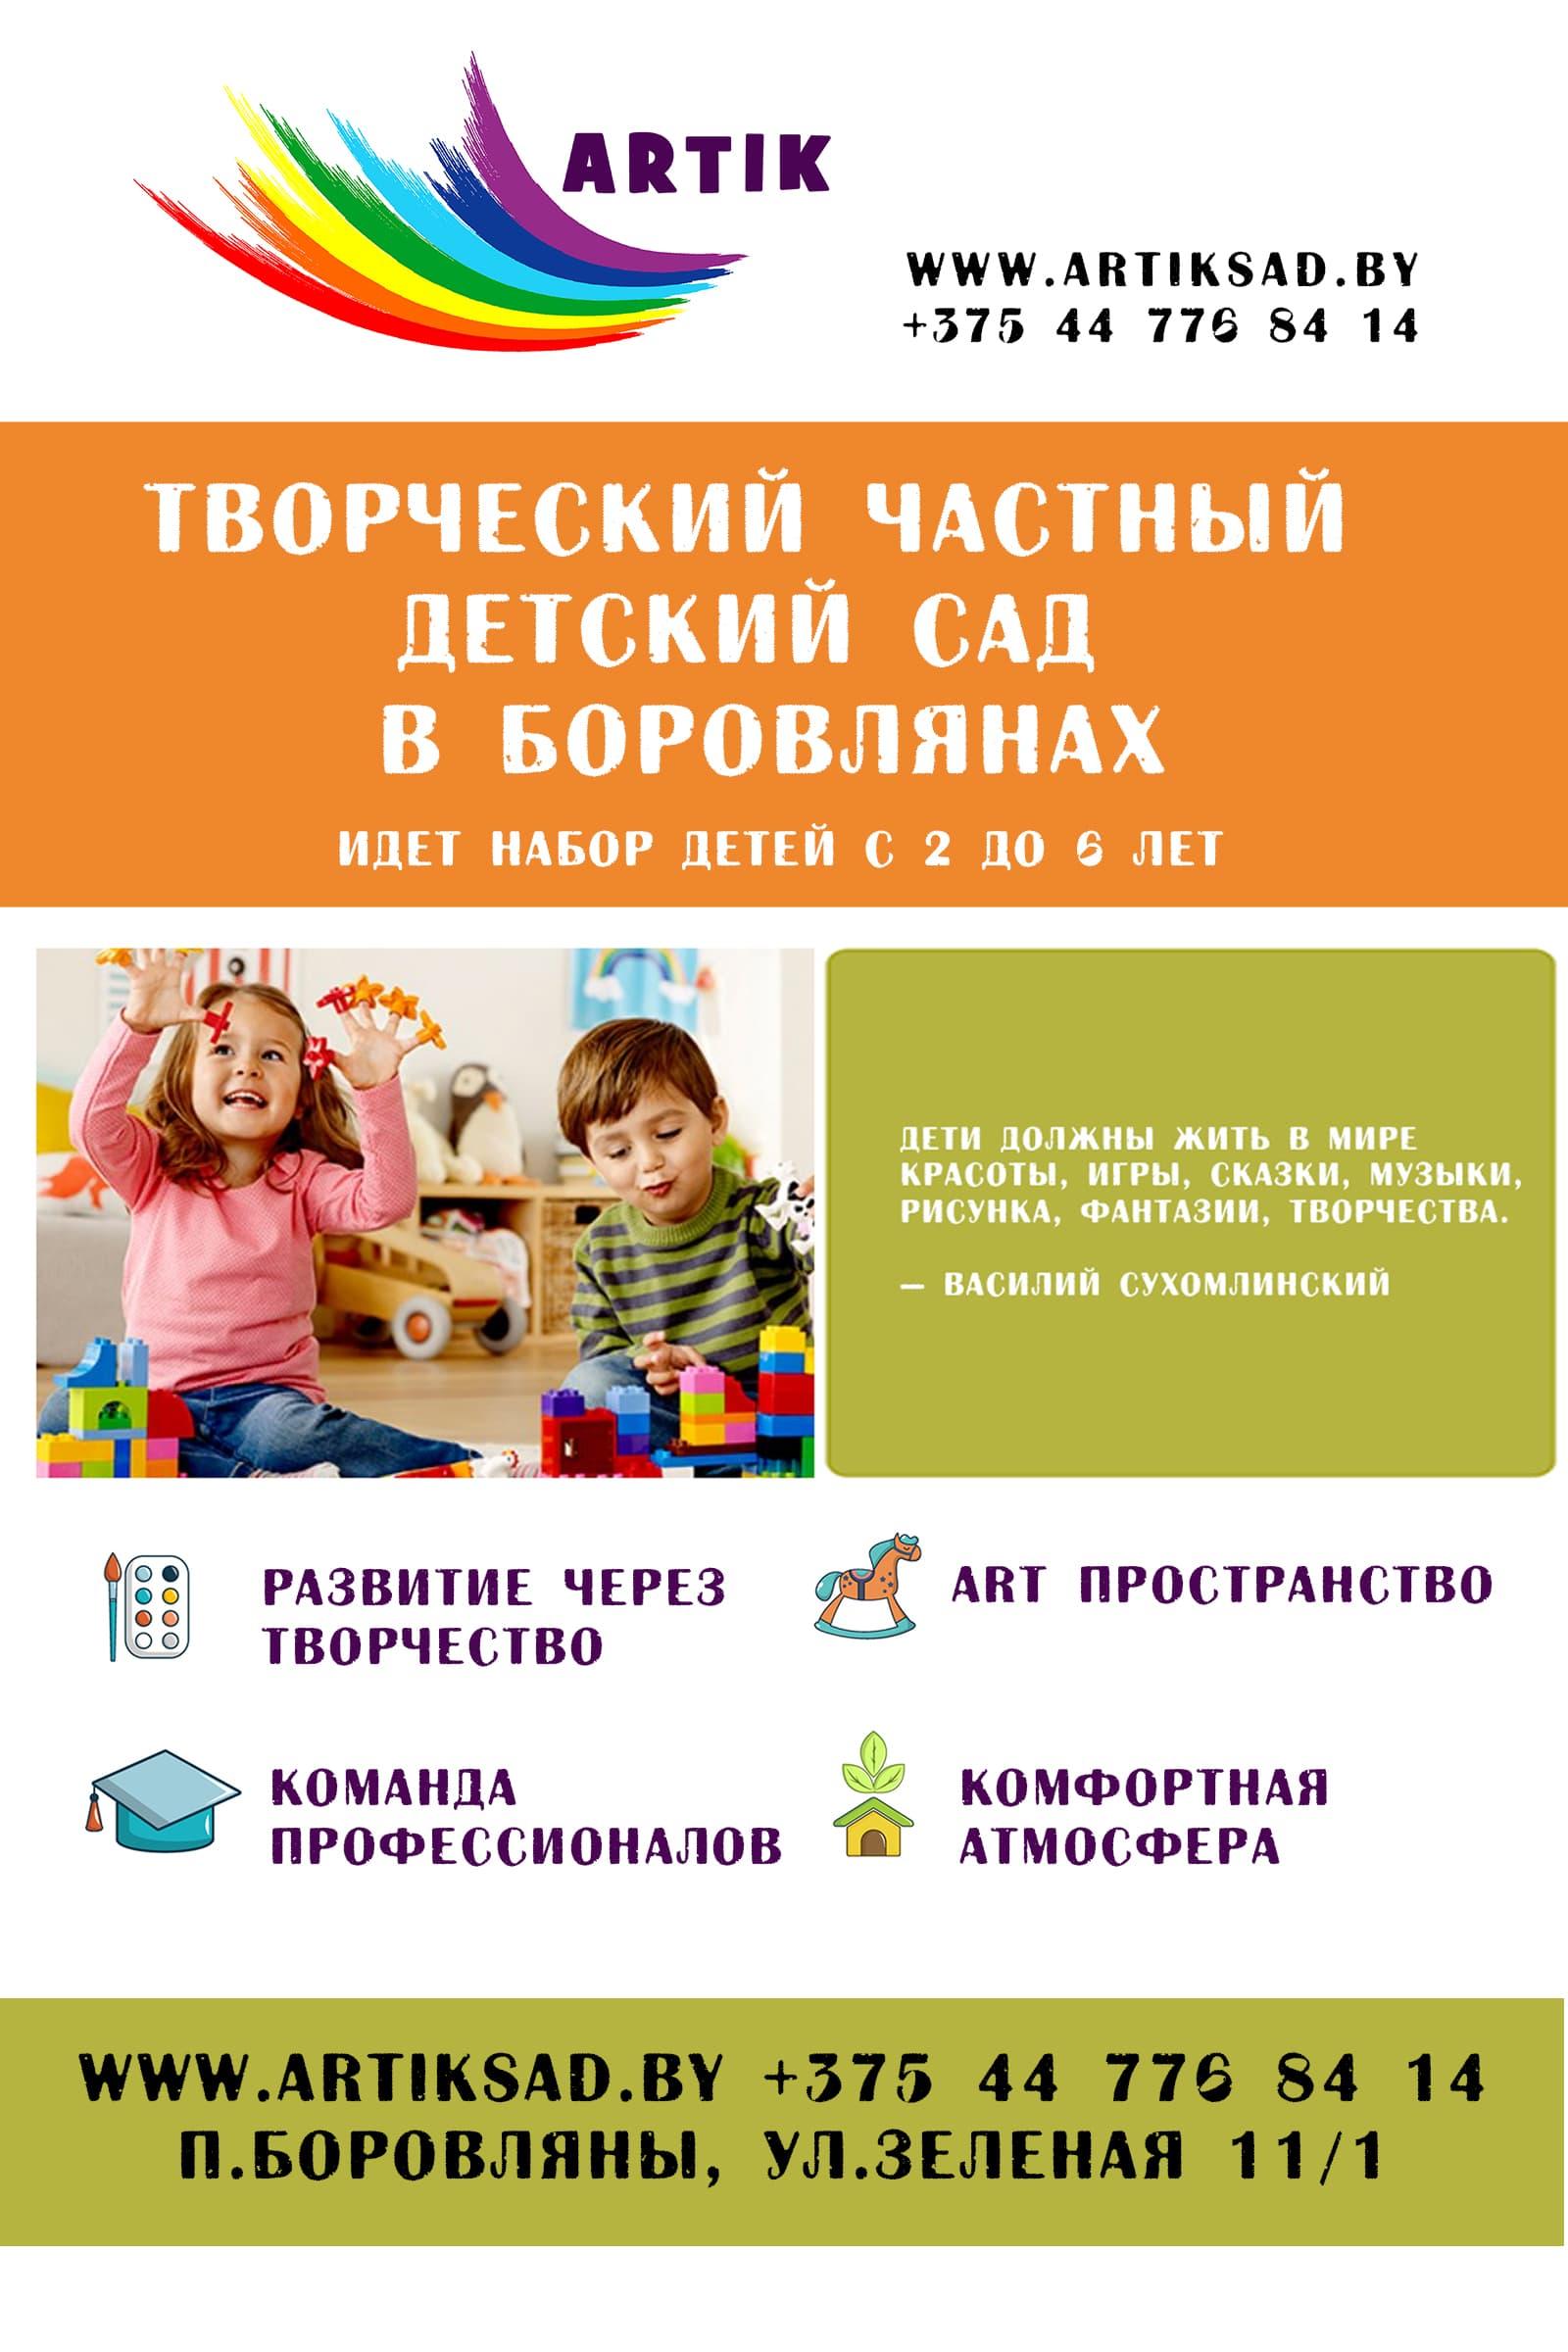 Детский сад Artik